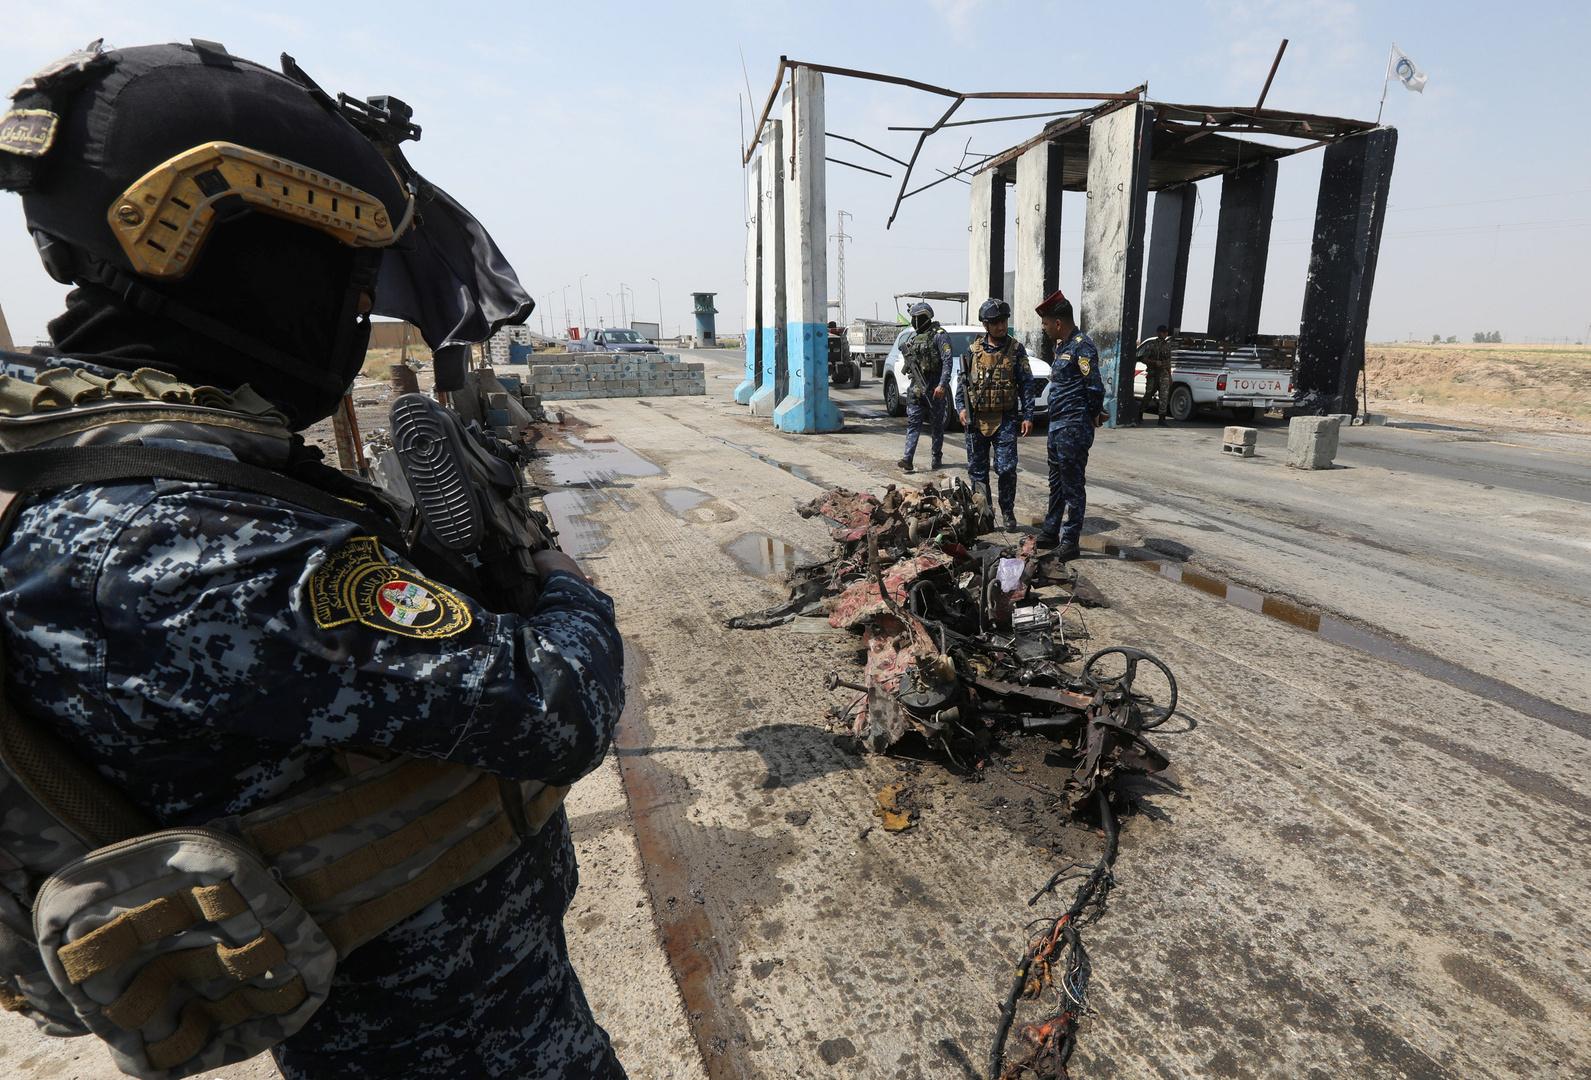 مراسلنا: هجوم على قوة أمنية عراقية في صلاح الدين